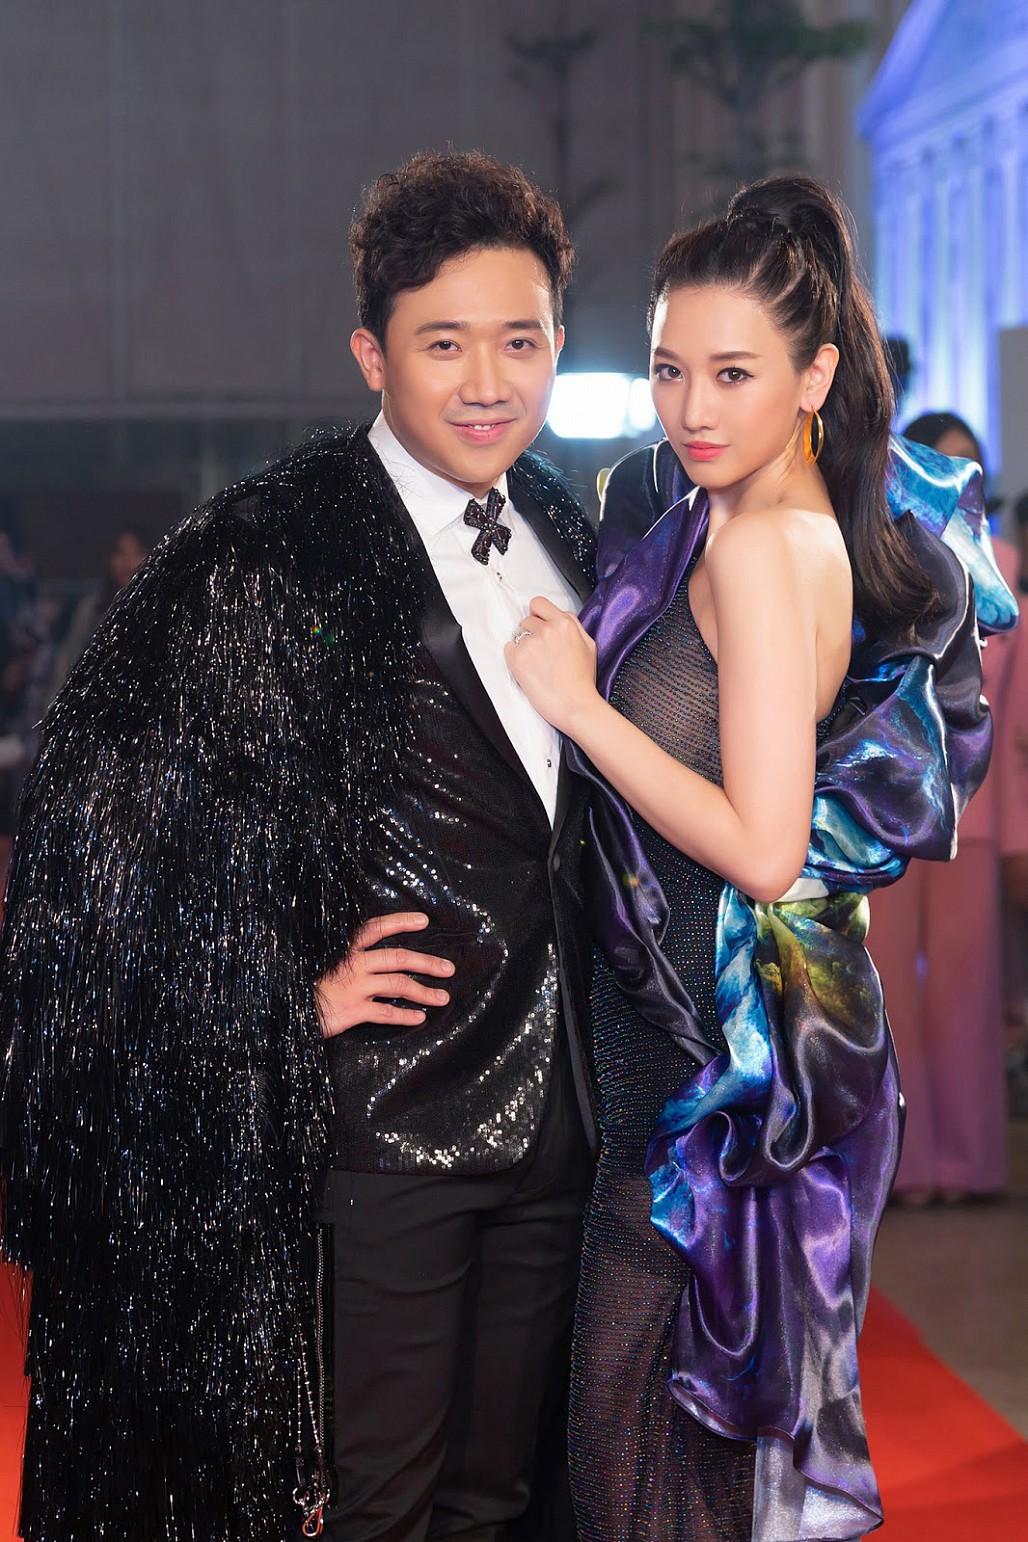 Vợ chồng Trấn Thành - Hari Won và những lần chơi đẹp nức tiếng với Thu Minh: Mấy ai đối với bạn được như thế trong showbiz này?-6